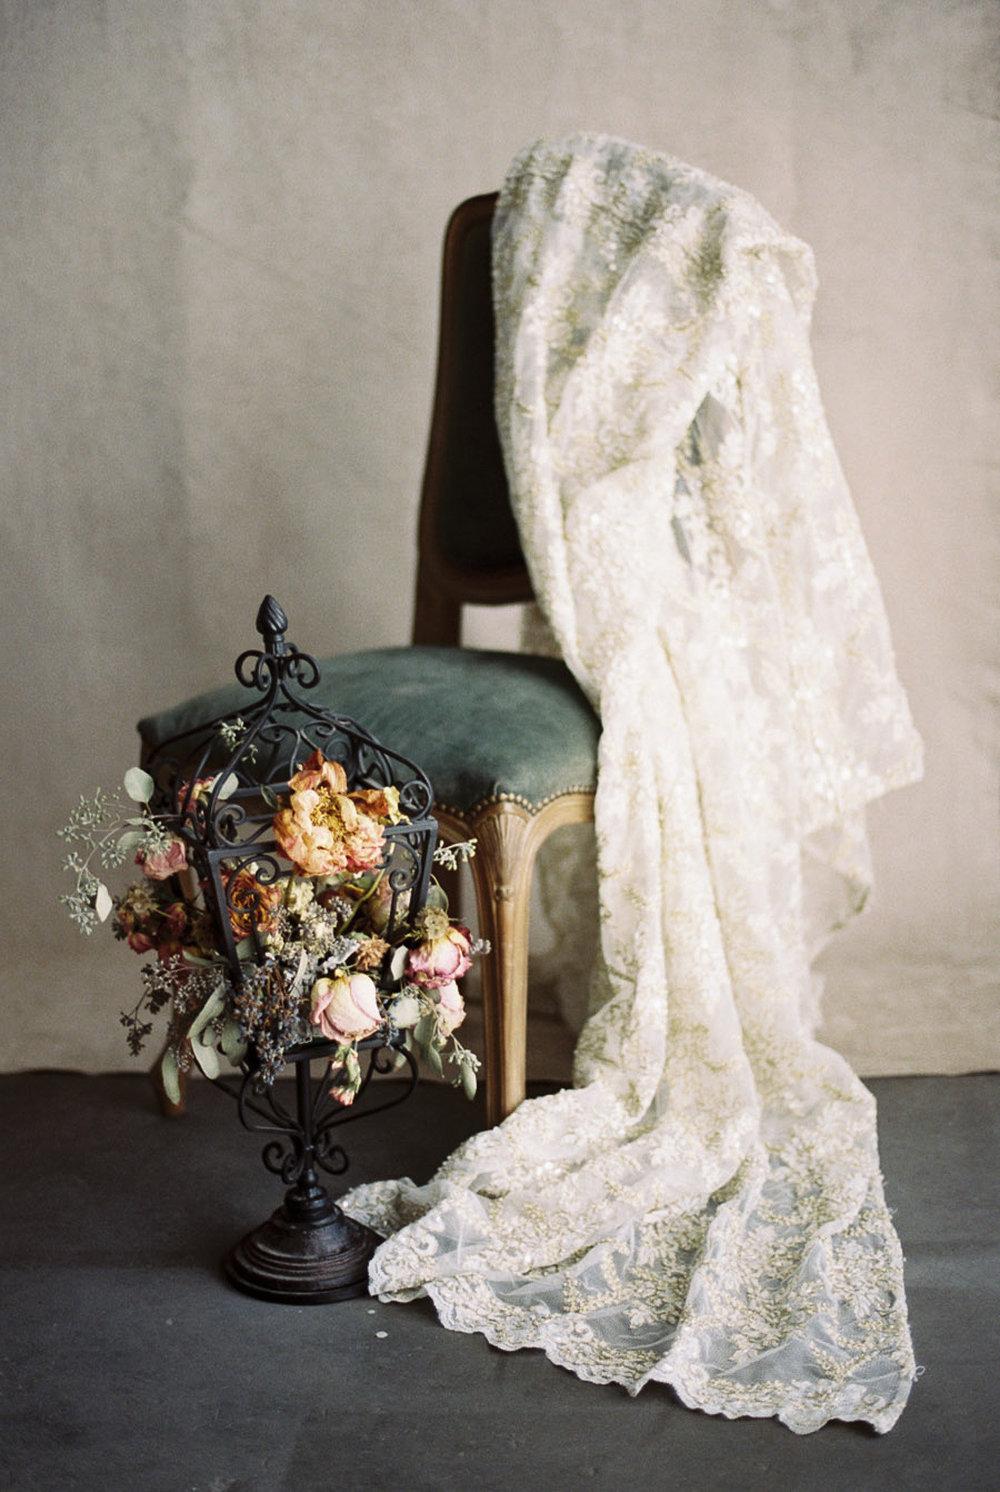 Lara_Lam_Vintage_Heirloom_wedding_photographer_Etablir_shop_vintage_rental14.jpg